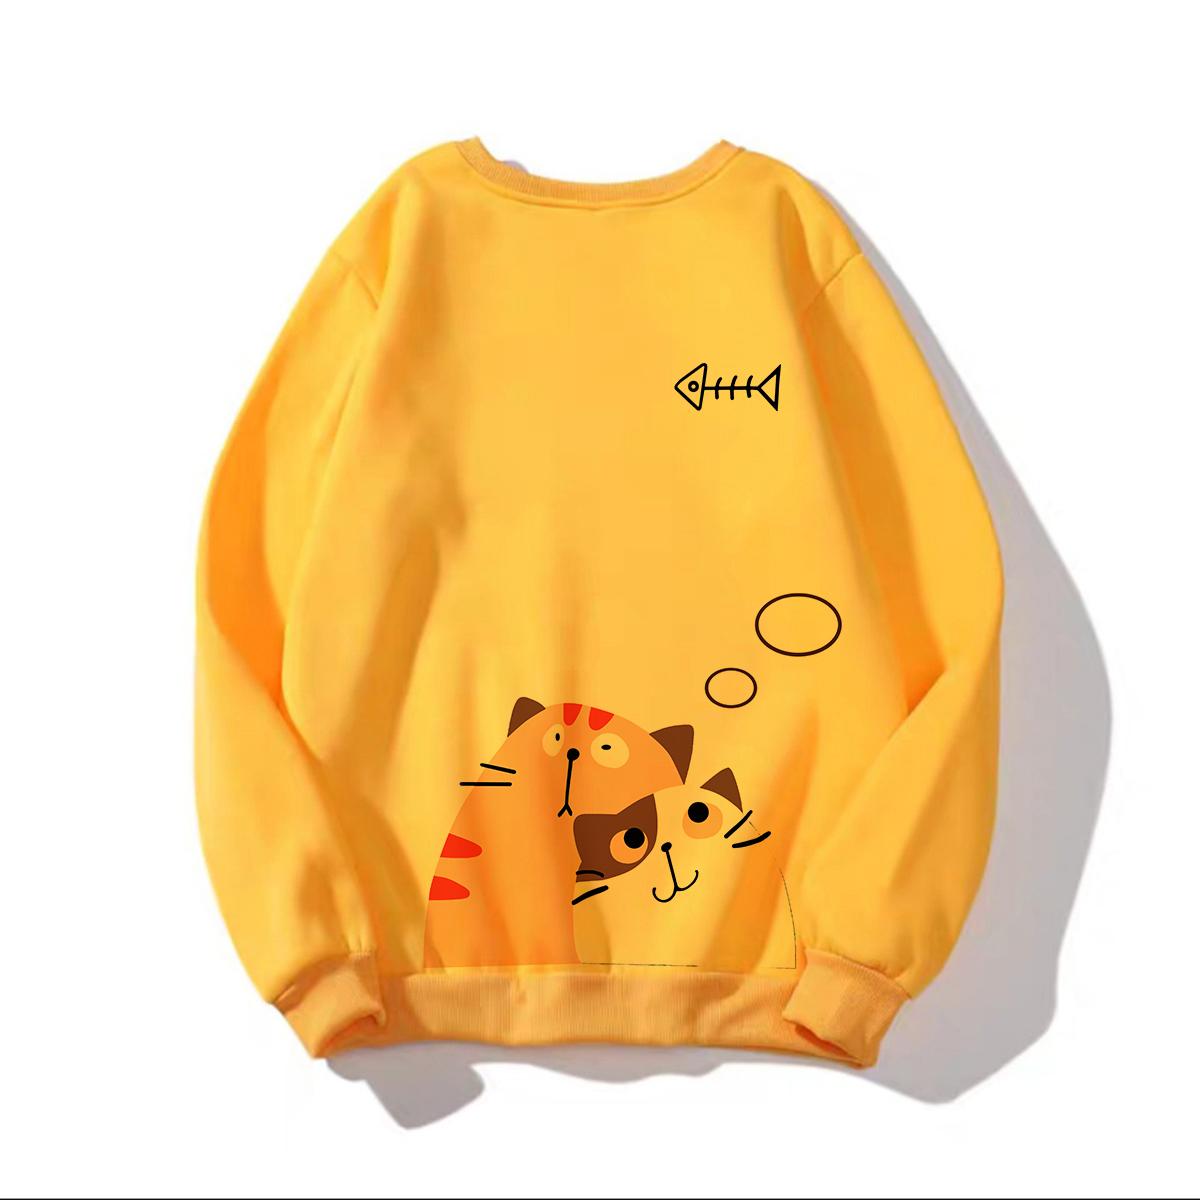 Voucher Khuyến Mãi Áo Sweater In Hình Mèo Siêu Kute Có Nhiều Màu Lựa Chọn